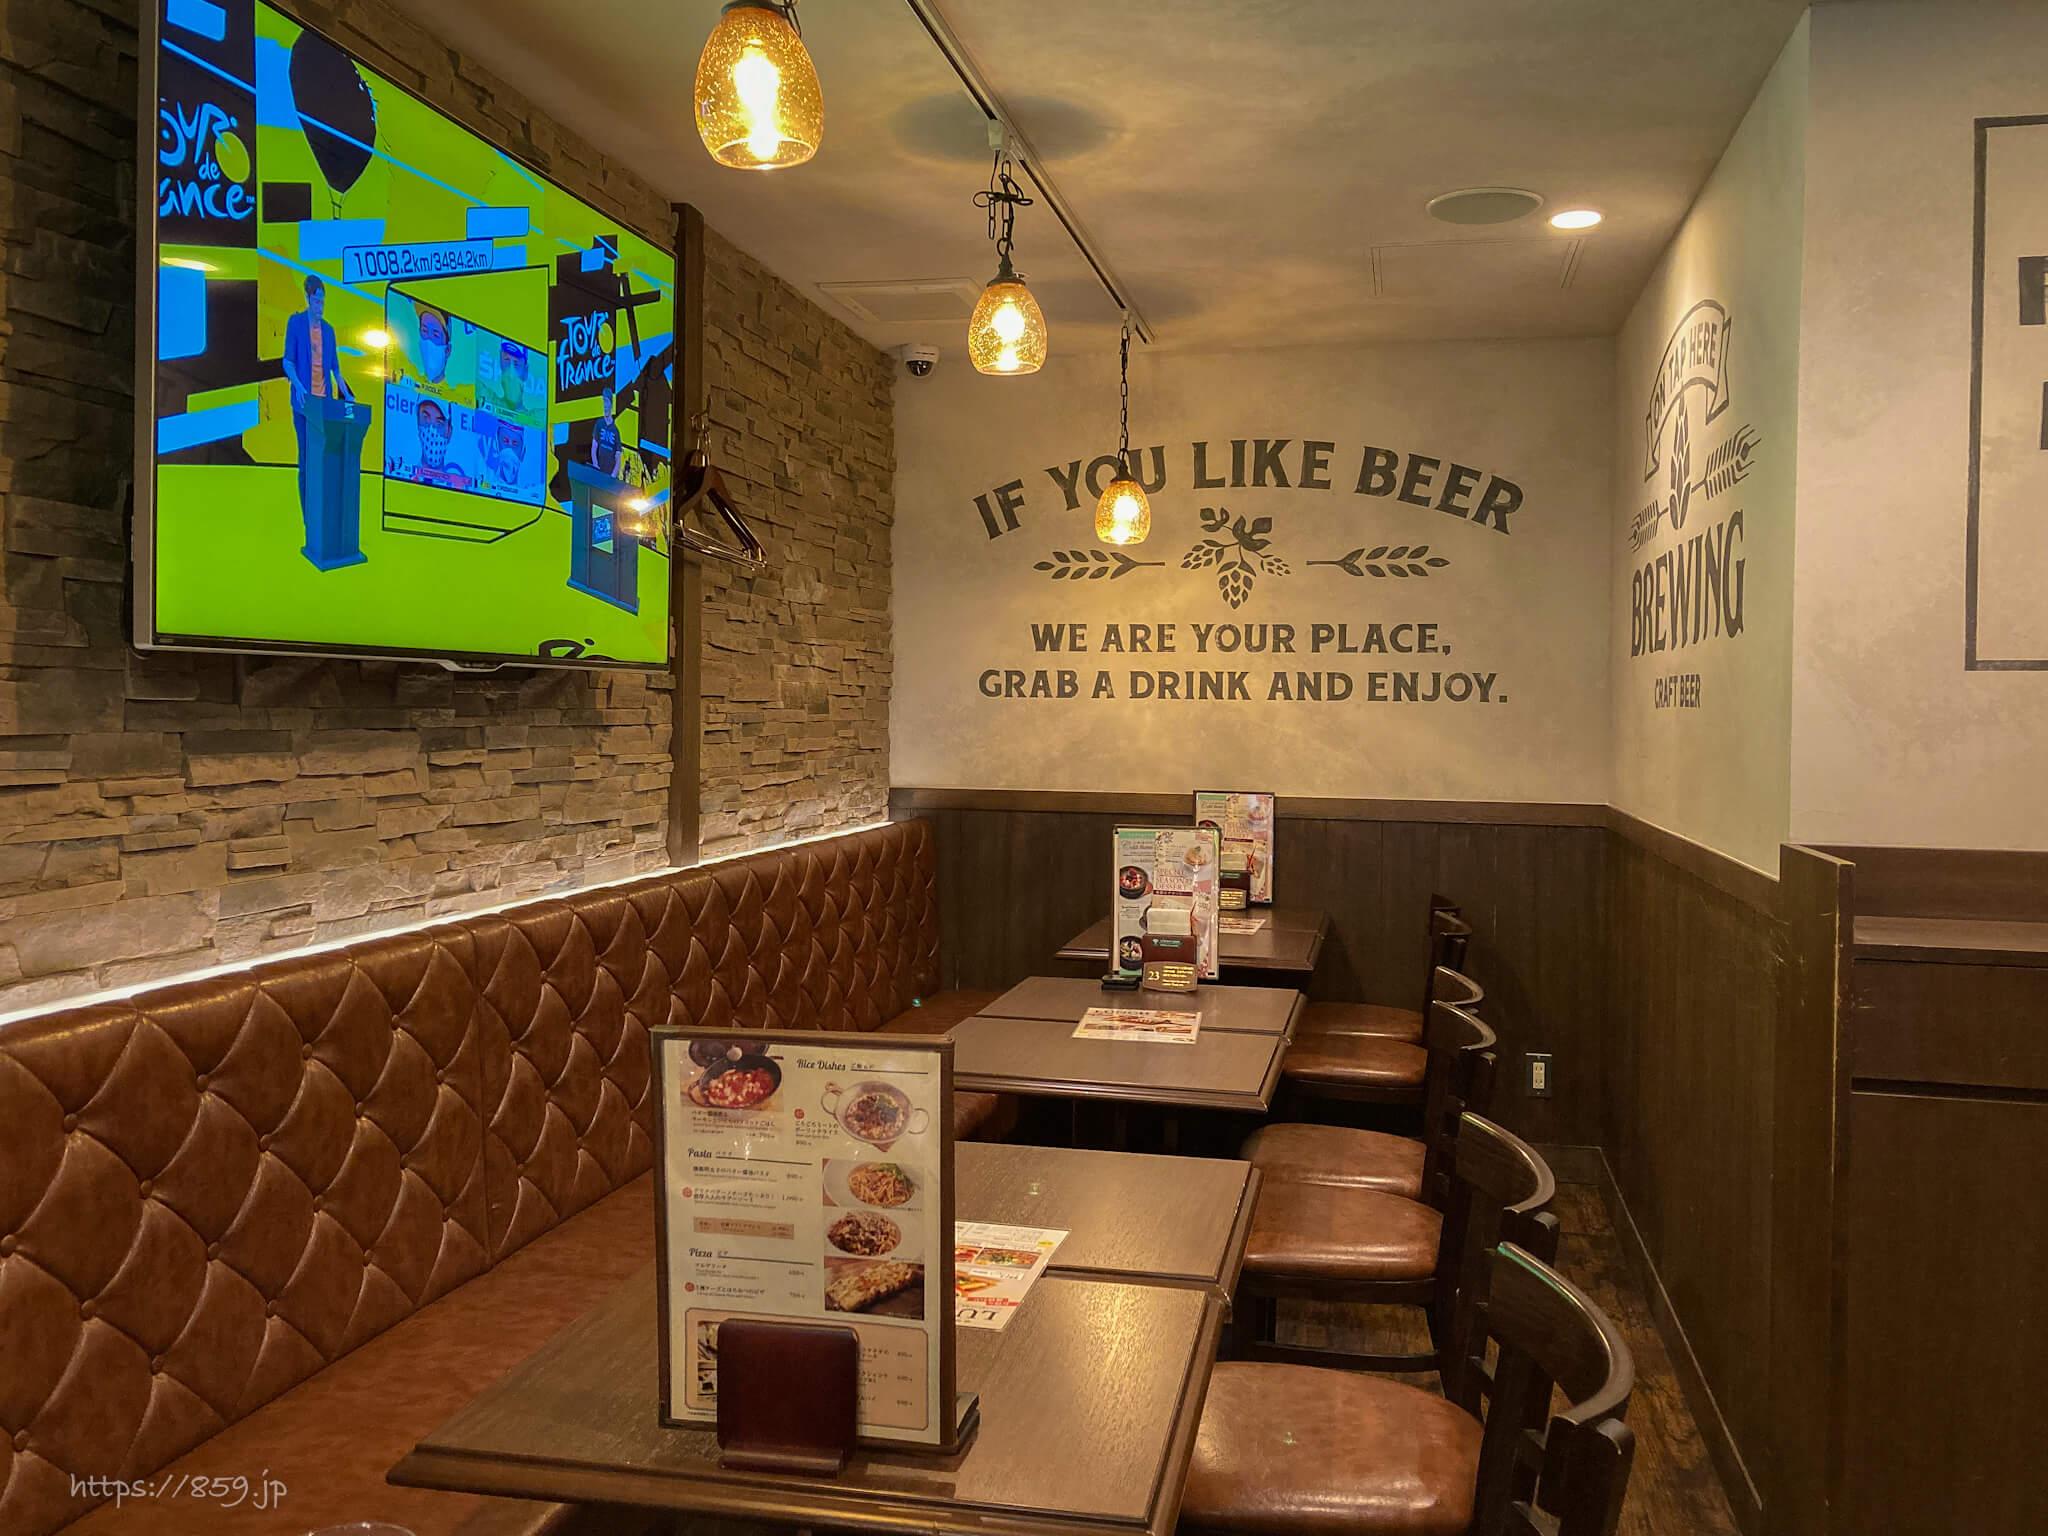 札幌キッチンのランチでクラフトビール飲み比べ旧アイリッシュパブケルツ2階席